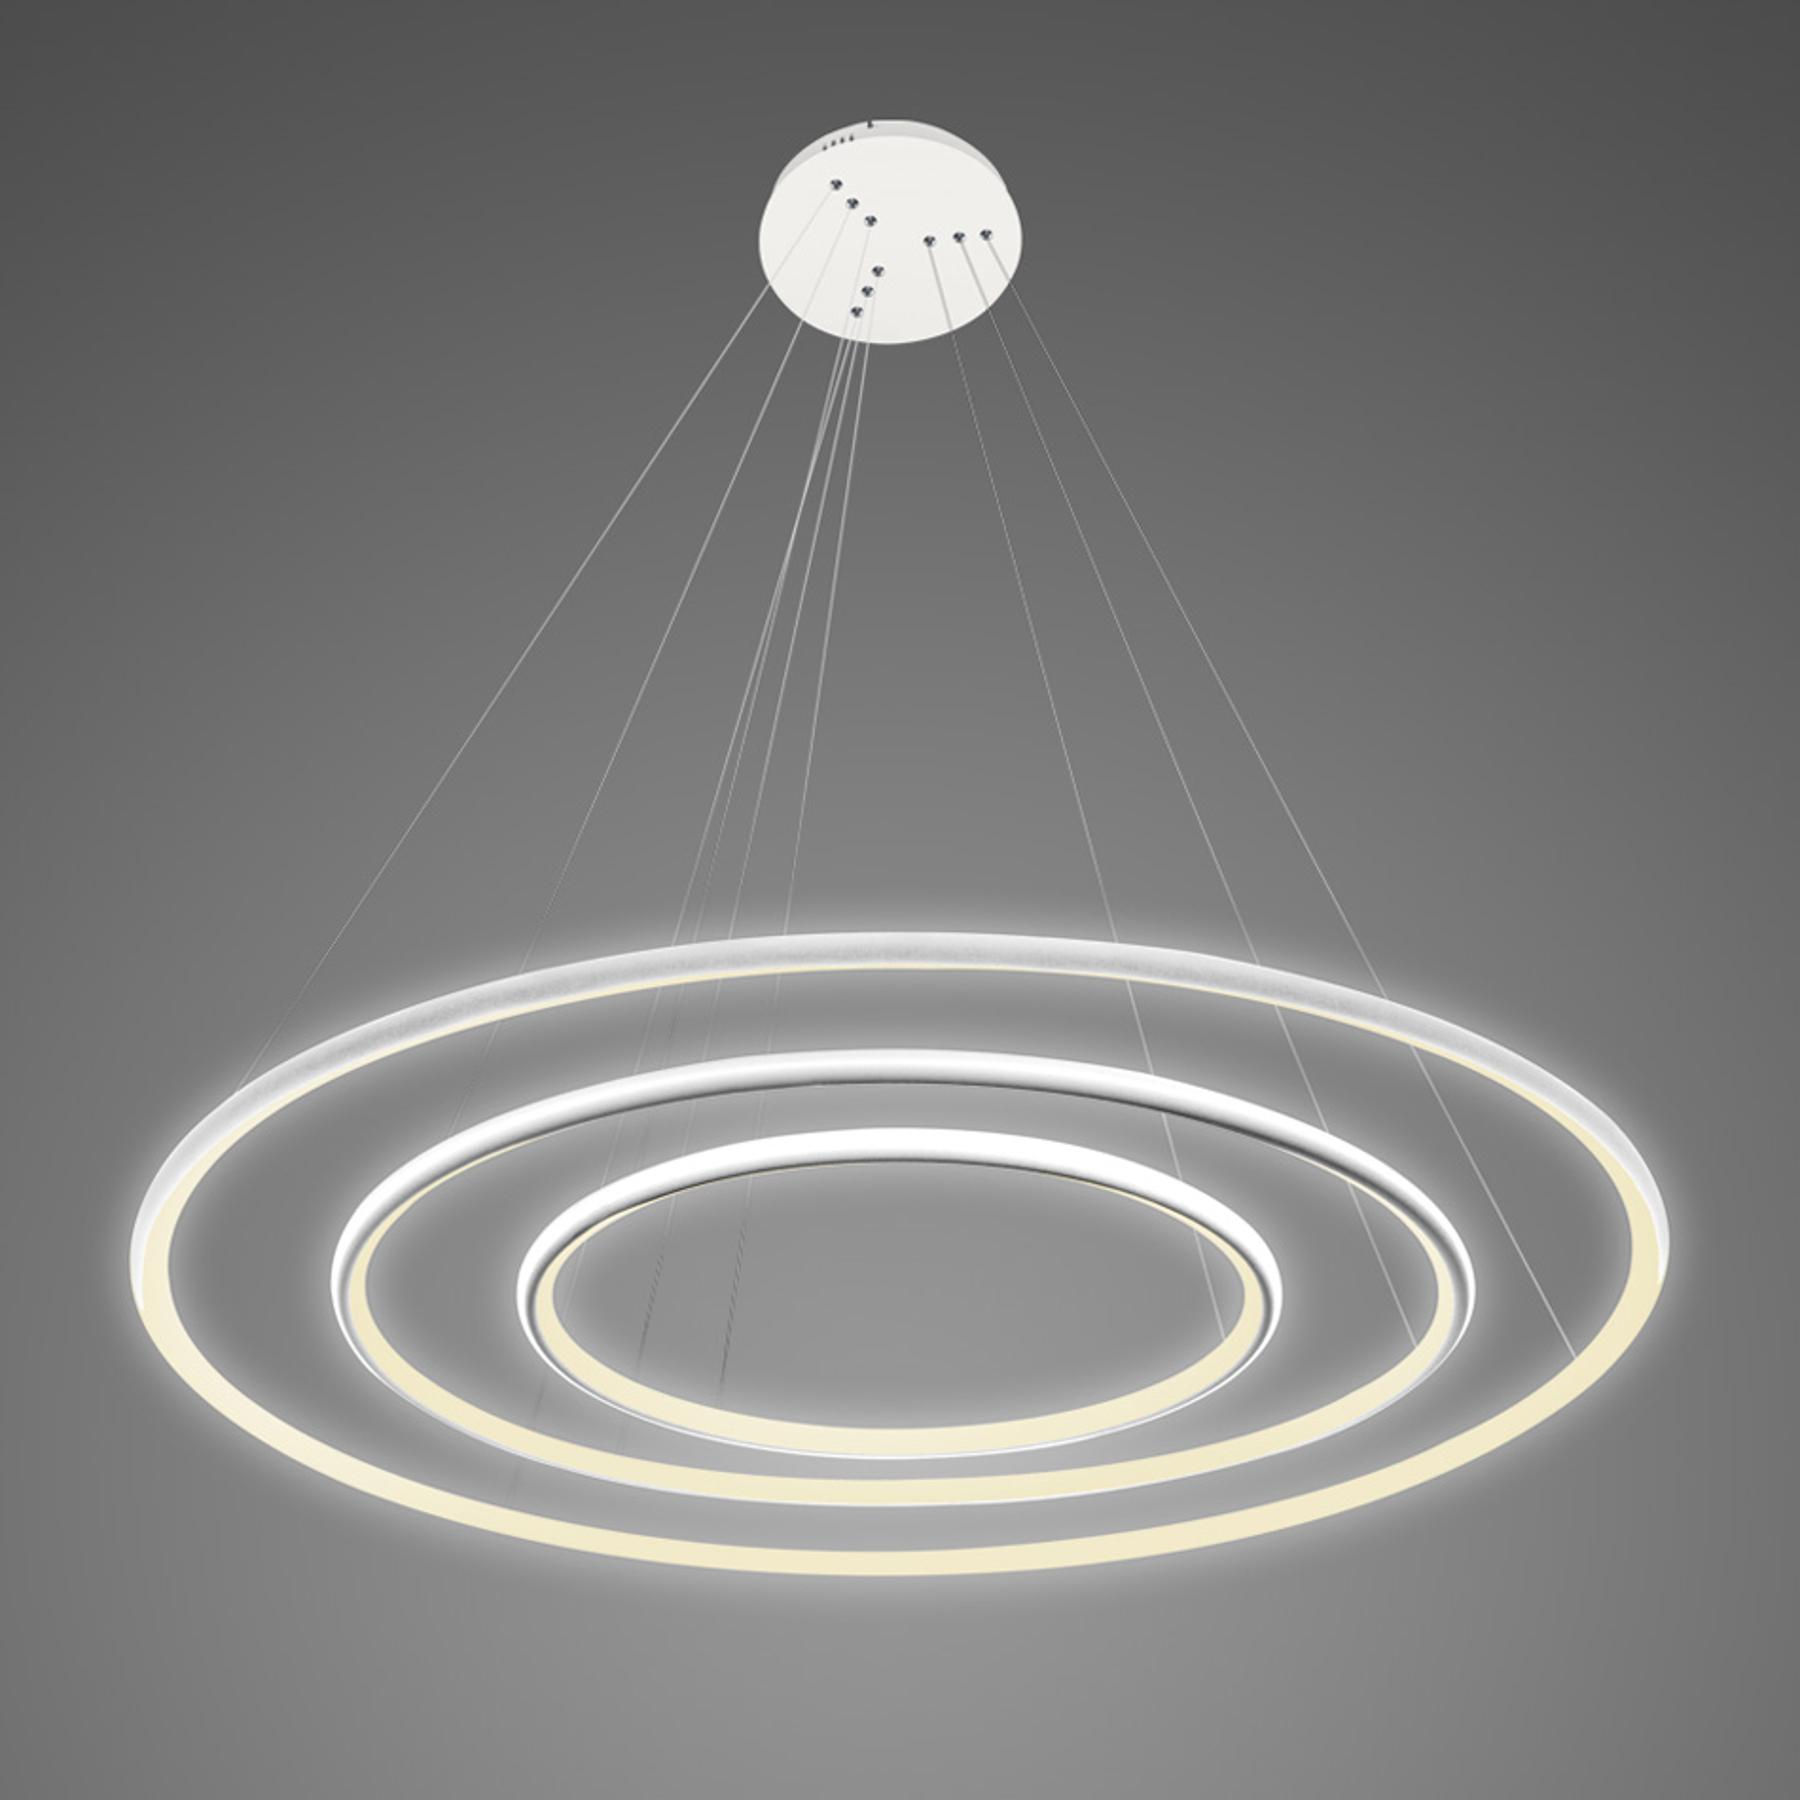 Suspension LA075 à 3 lampes 80cm blanche 3000K